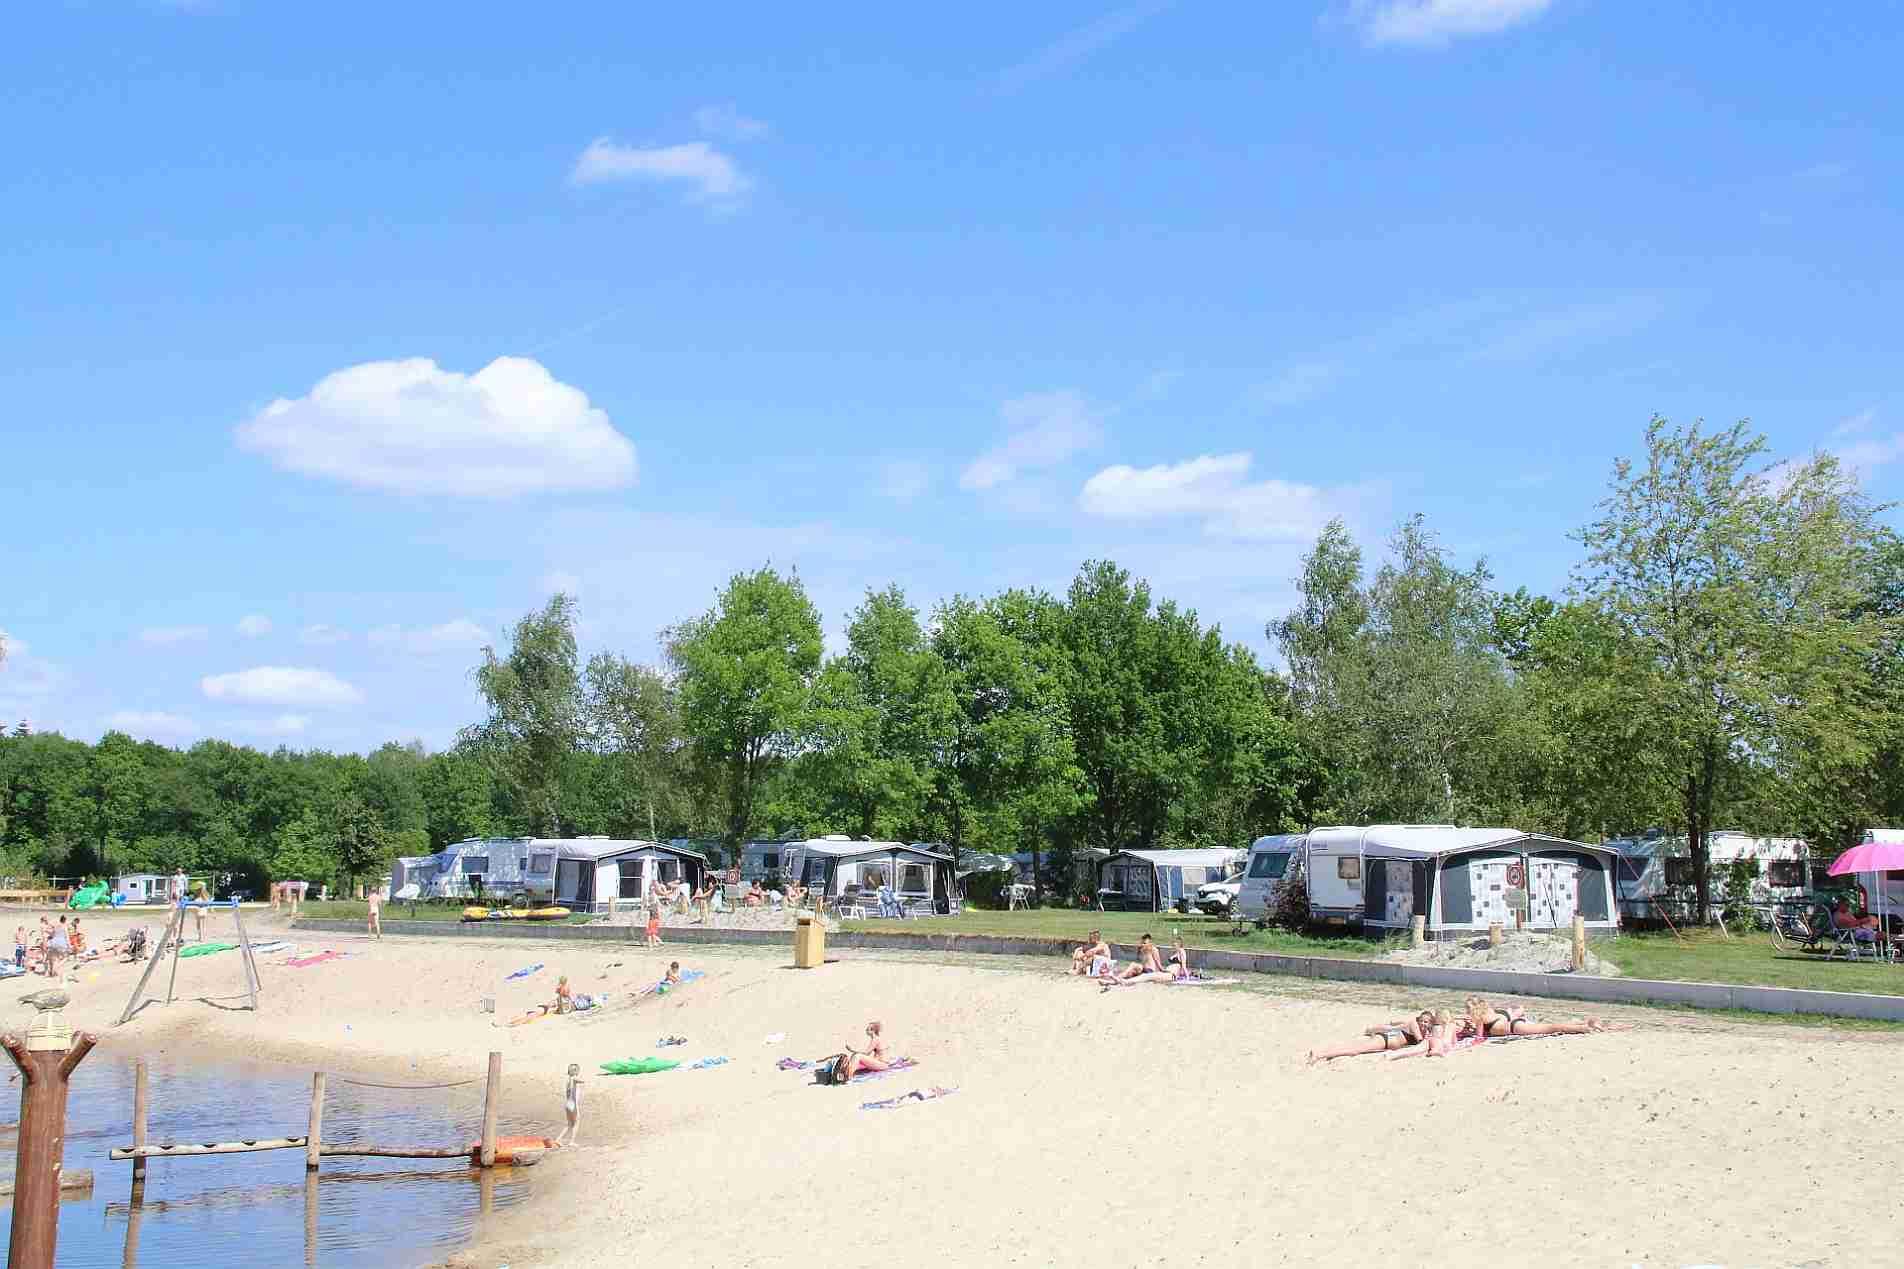 Voorzomeren arrangement, heerlijk de zomer in! - Voorzomeren arrangement op camping